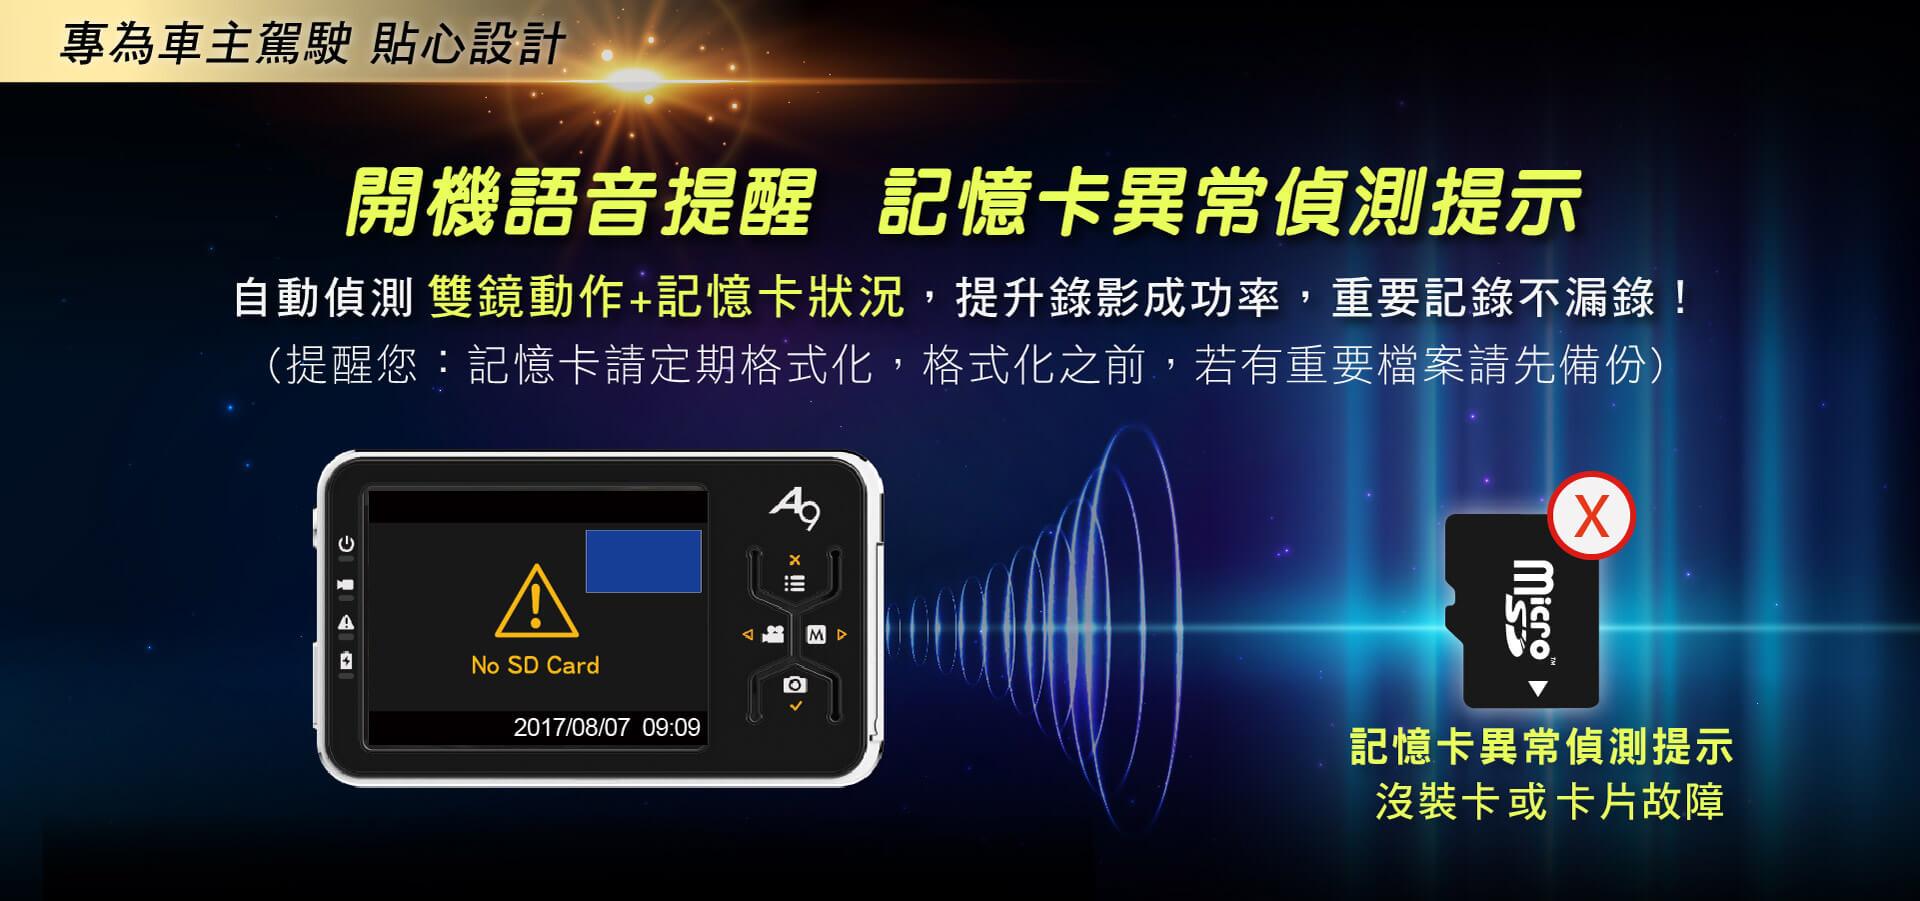 proimages/product/pro-01/pro-01-001/A9/A9-13.jpg